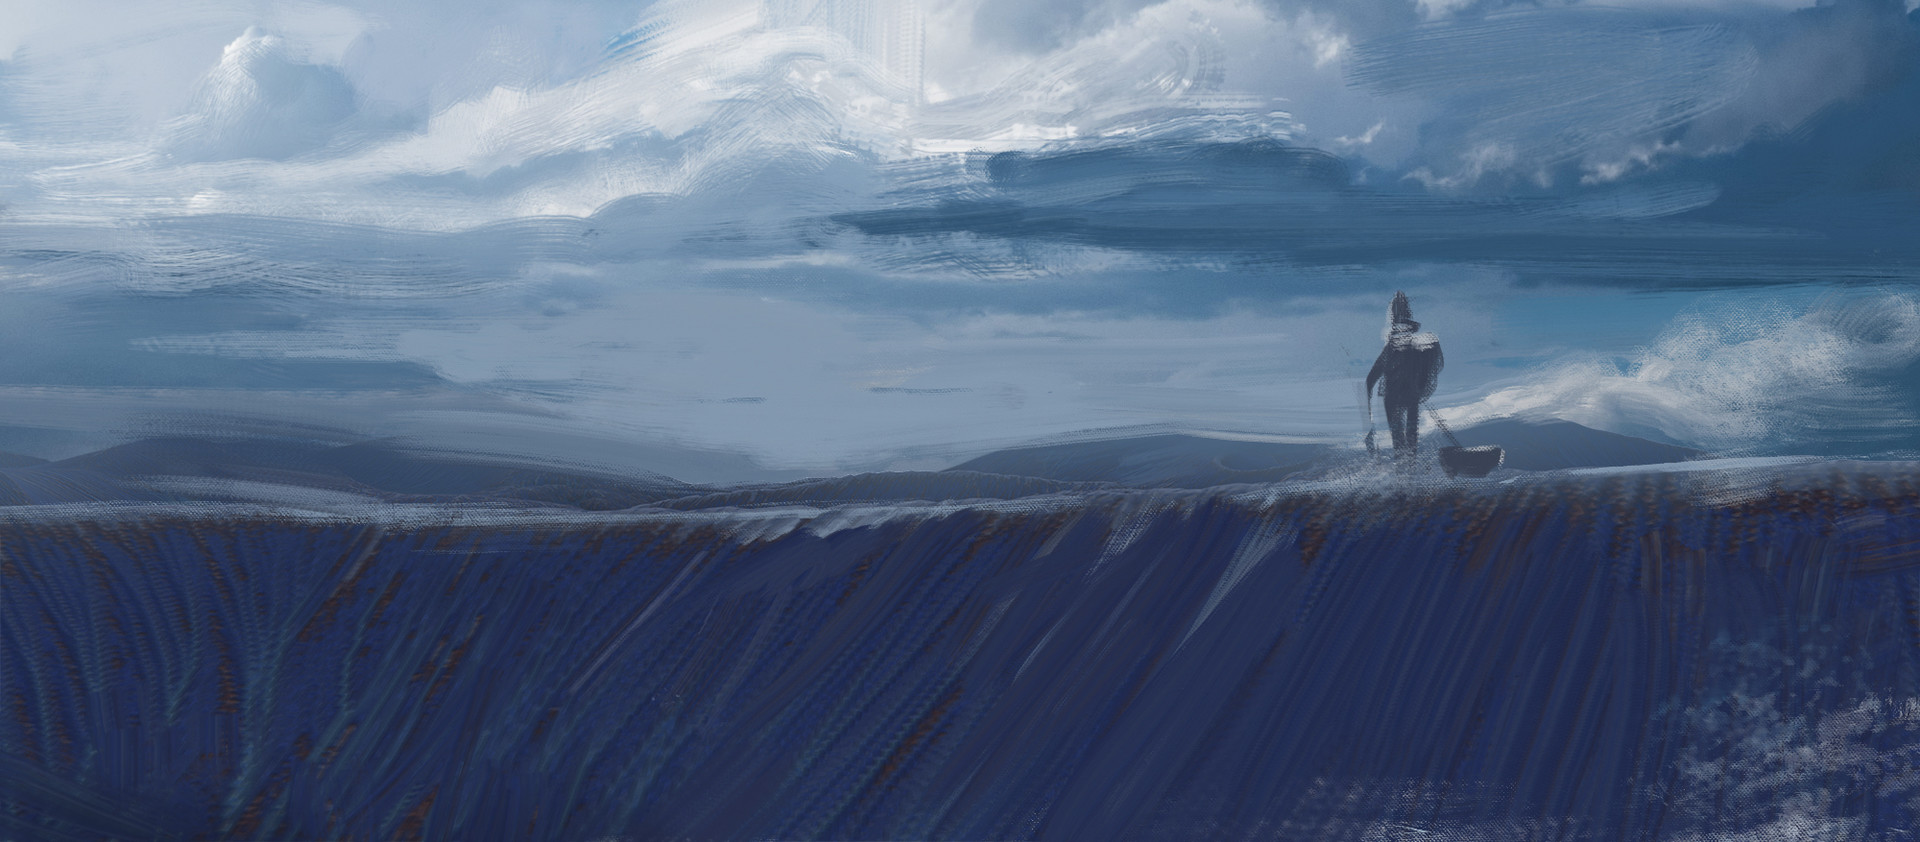 Alexandr iwaac dunes blue